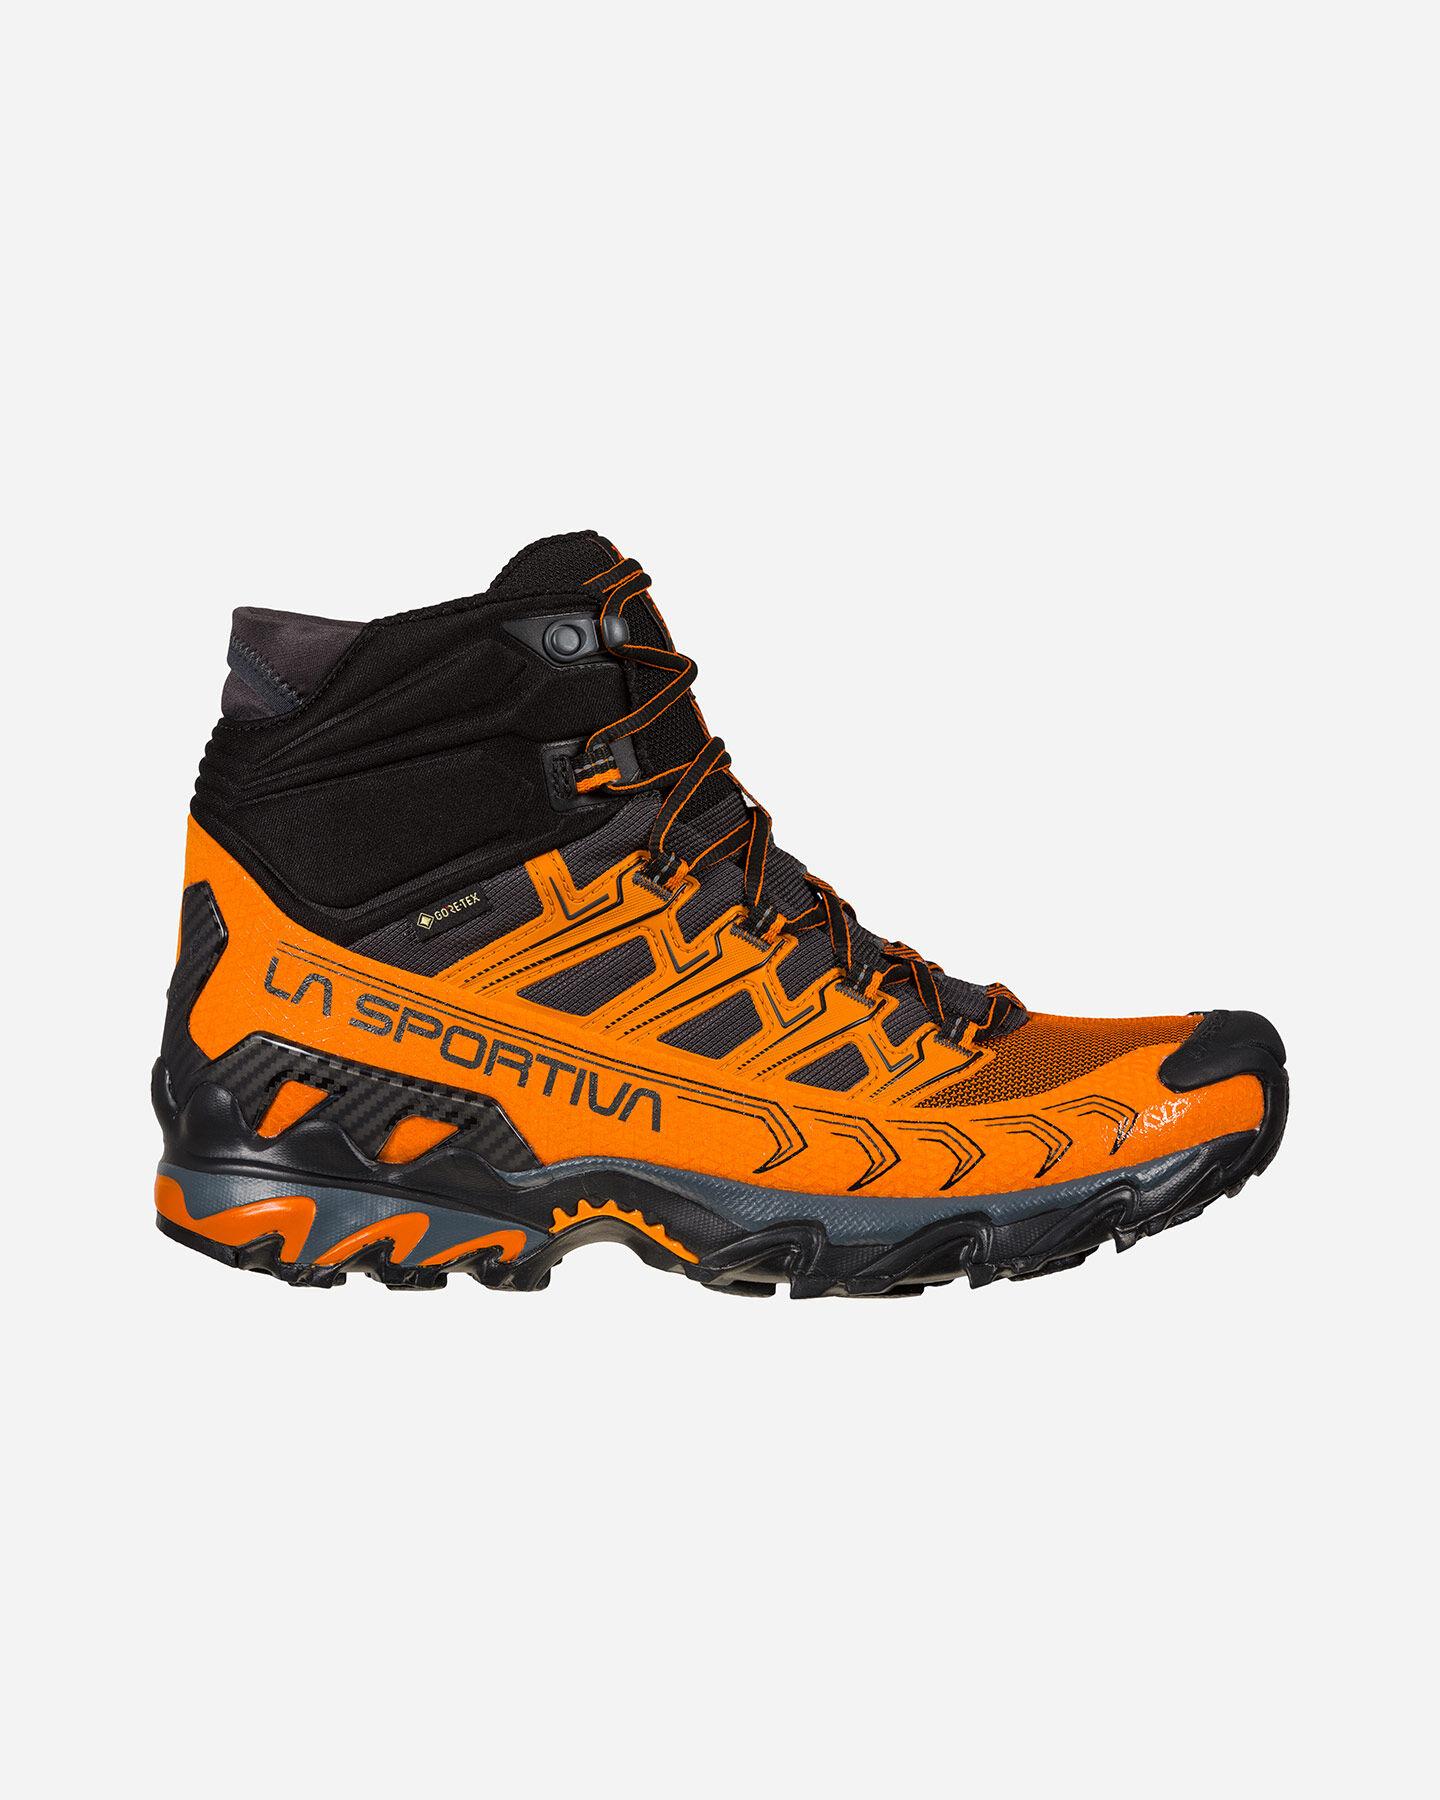 Scarpe escursionismo LA SPORTIVA ULTRA RAPTOR II MID GTX M S5312454 scatto 0